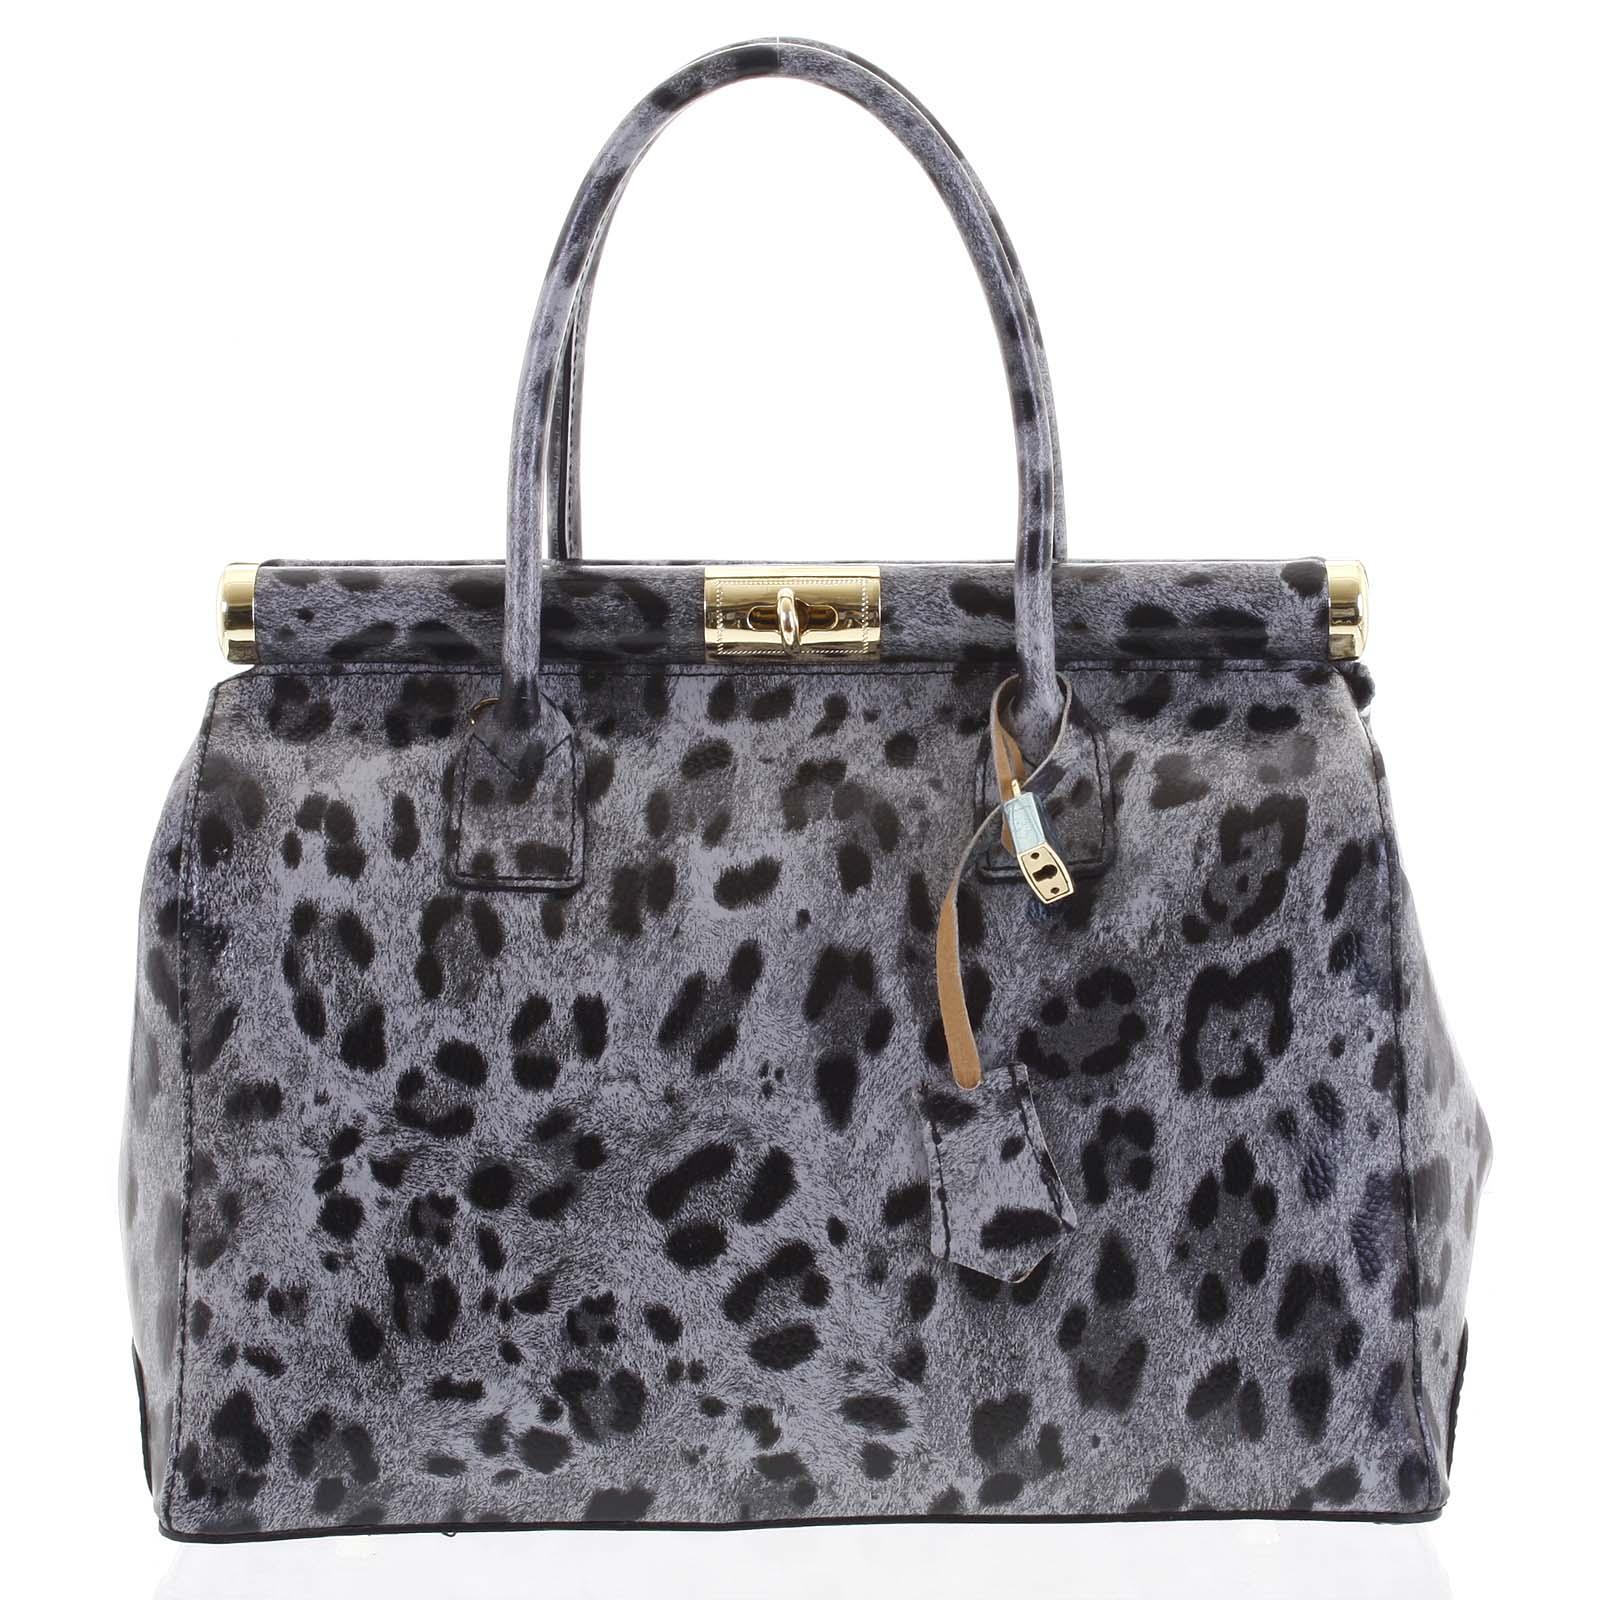 Módna originálny dámska kožená kabelka do ruky sivá - ItalY Hila Jaguar